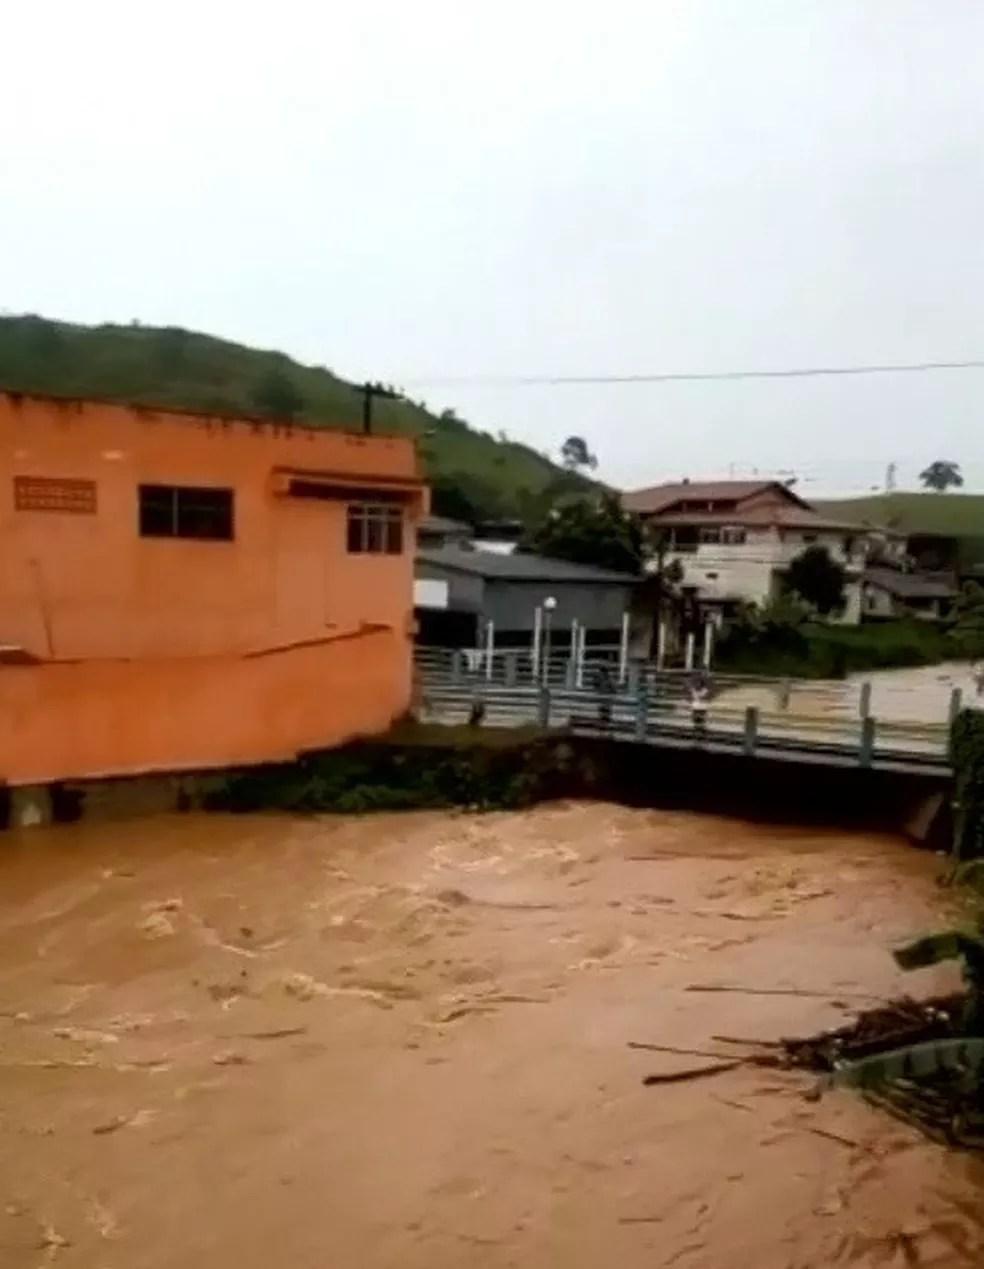 Rio subiu e alagou ruas de Apiacá, no Sul do ES  — Foto: Reprodução/TV Gazeta